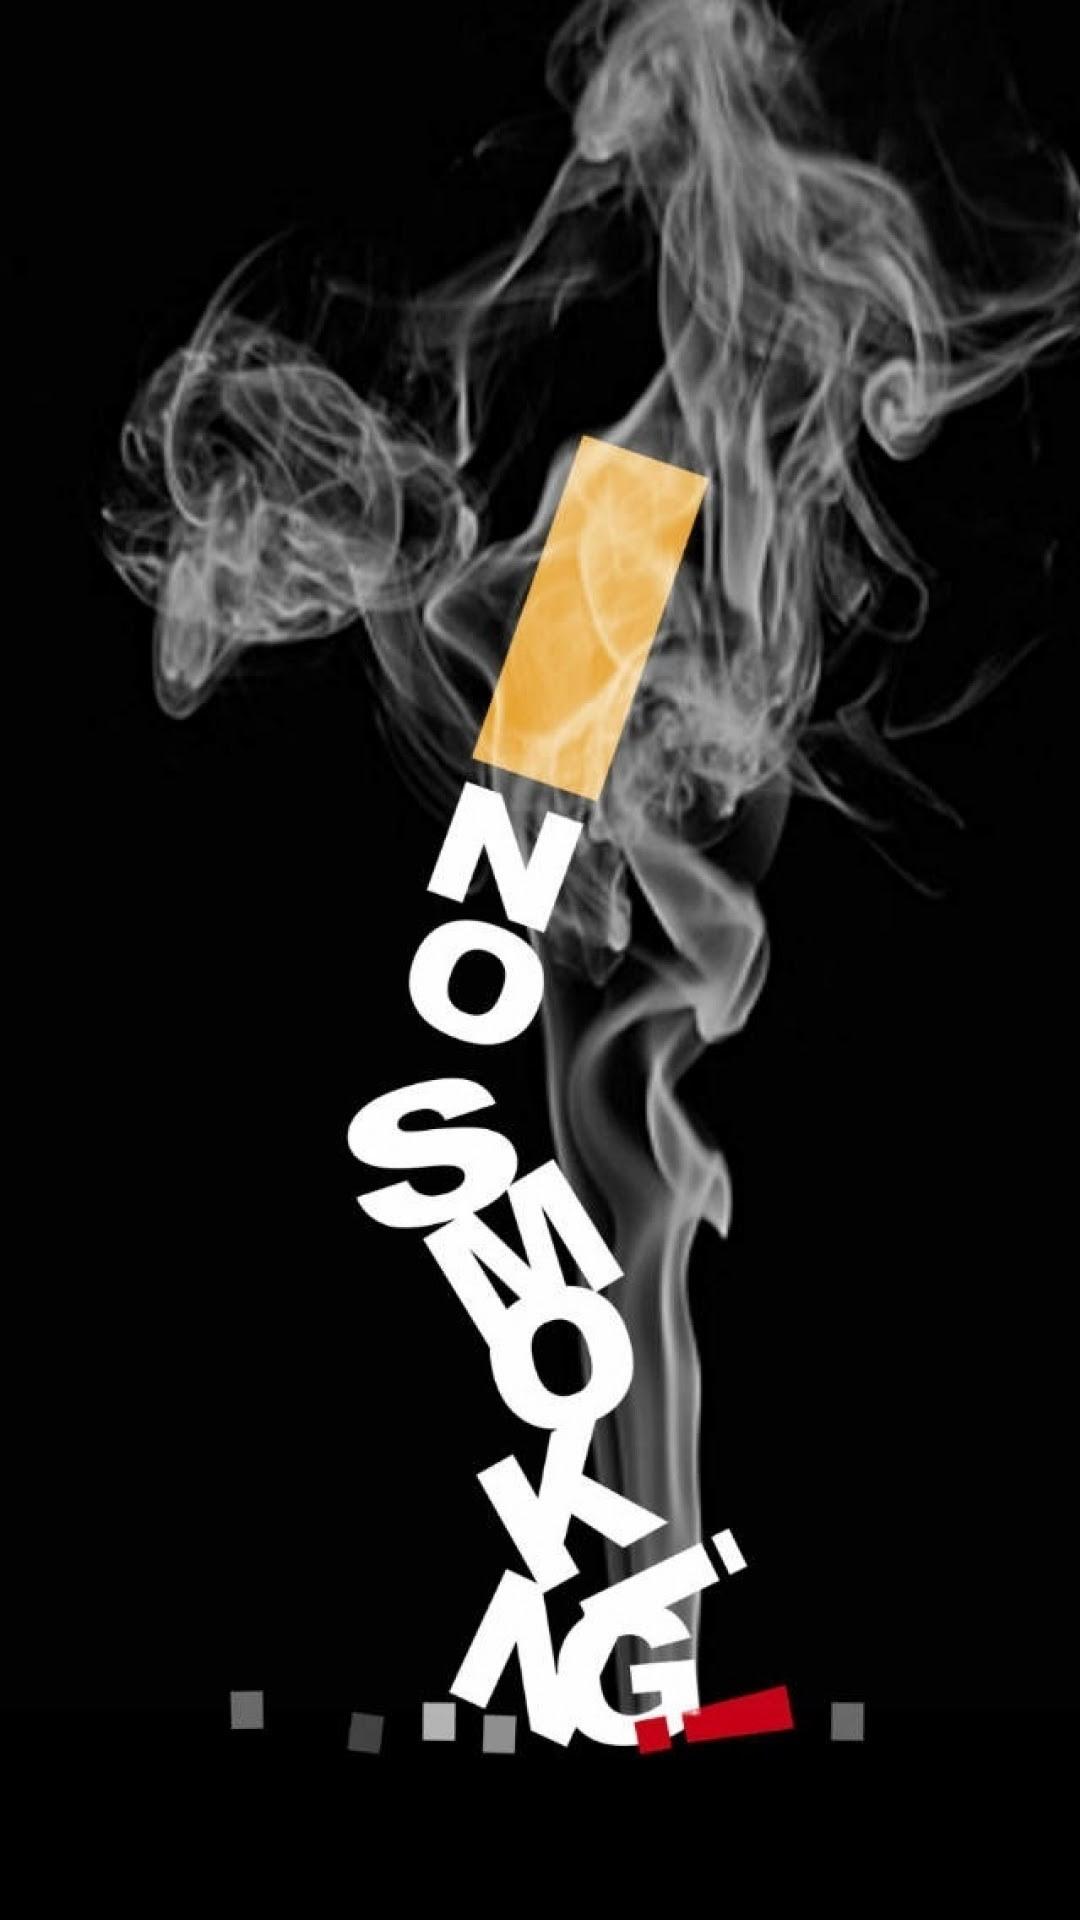 Unduh 200+ Wallpaper Android Hd No Smoking